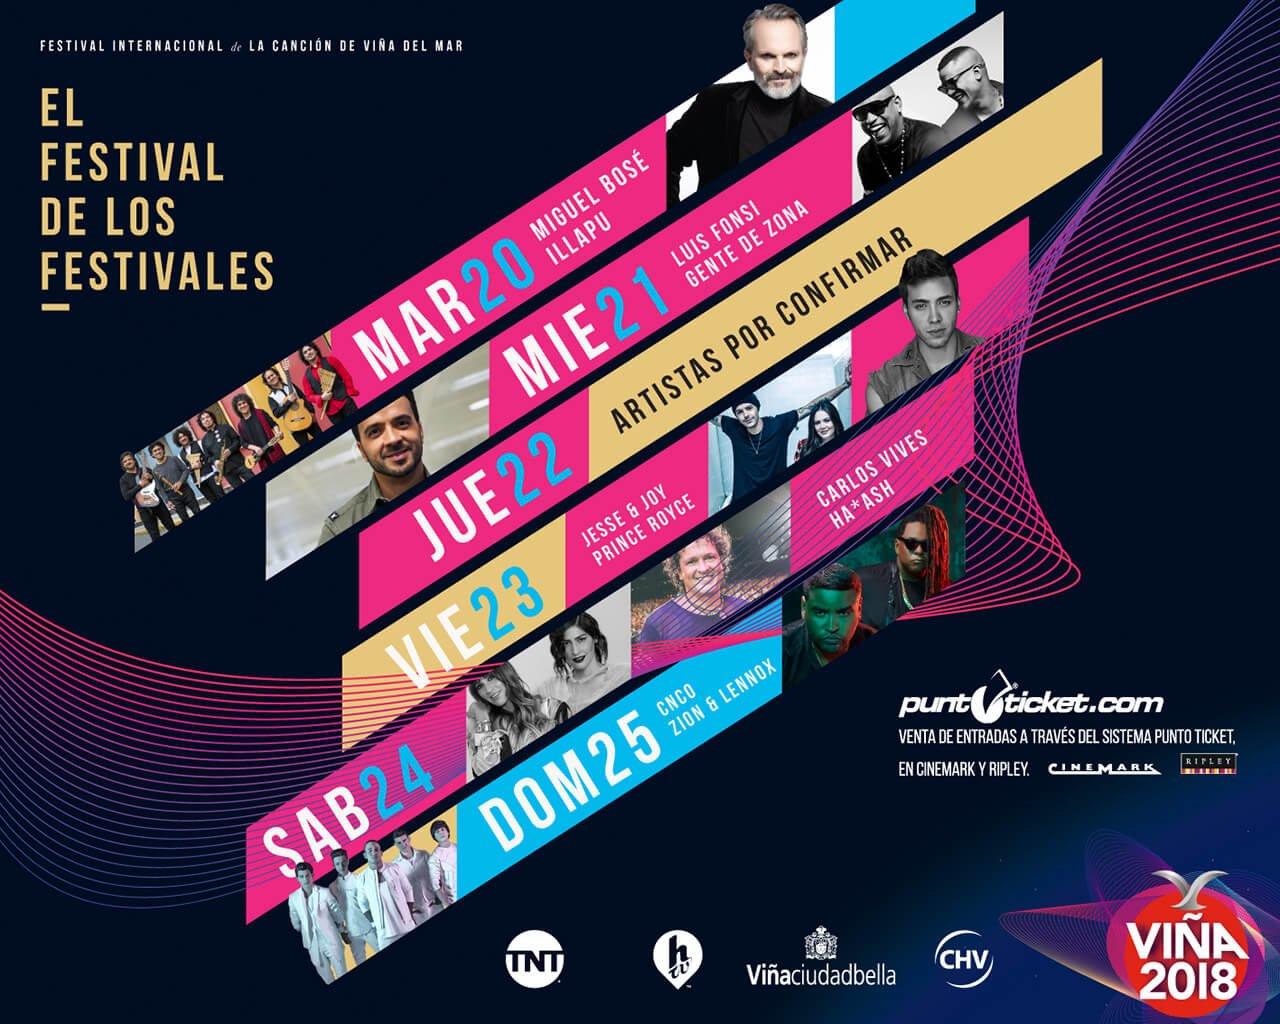 Europe anuncia presentación en el Festival de Viña 2018